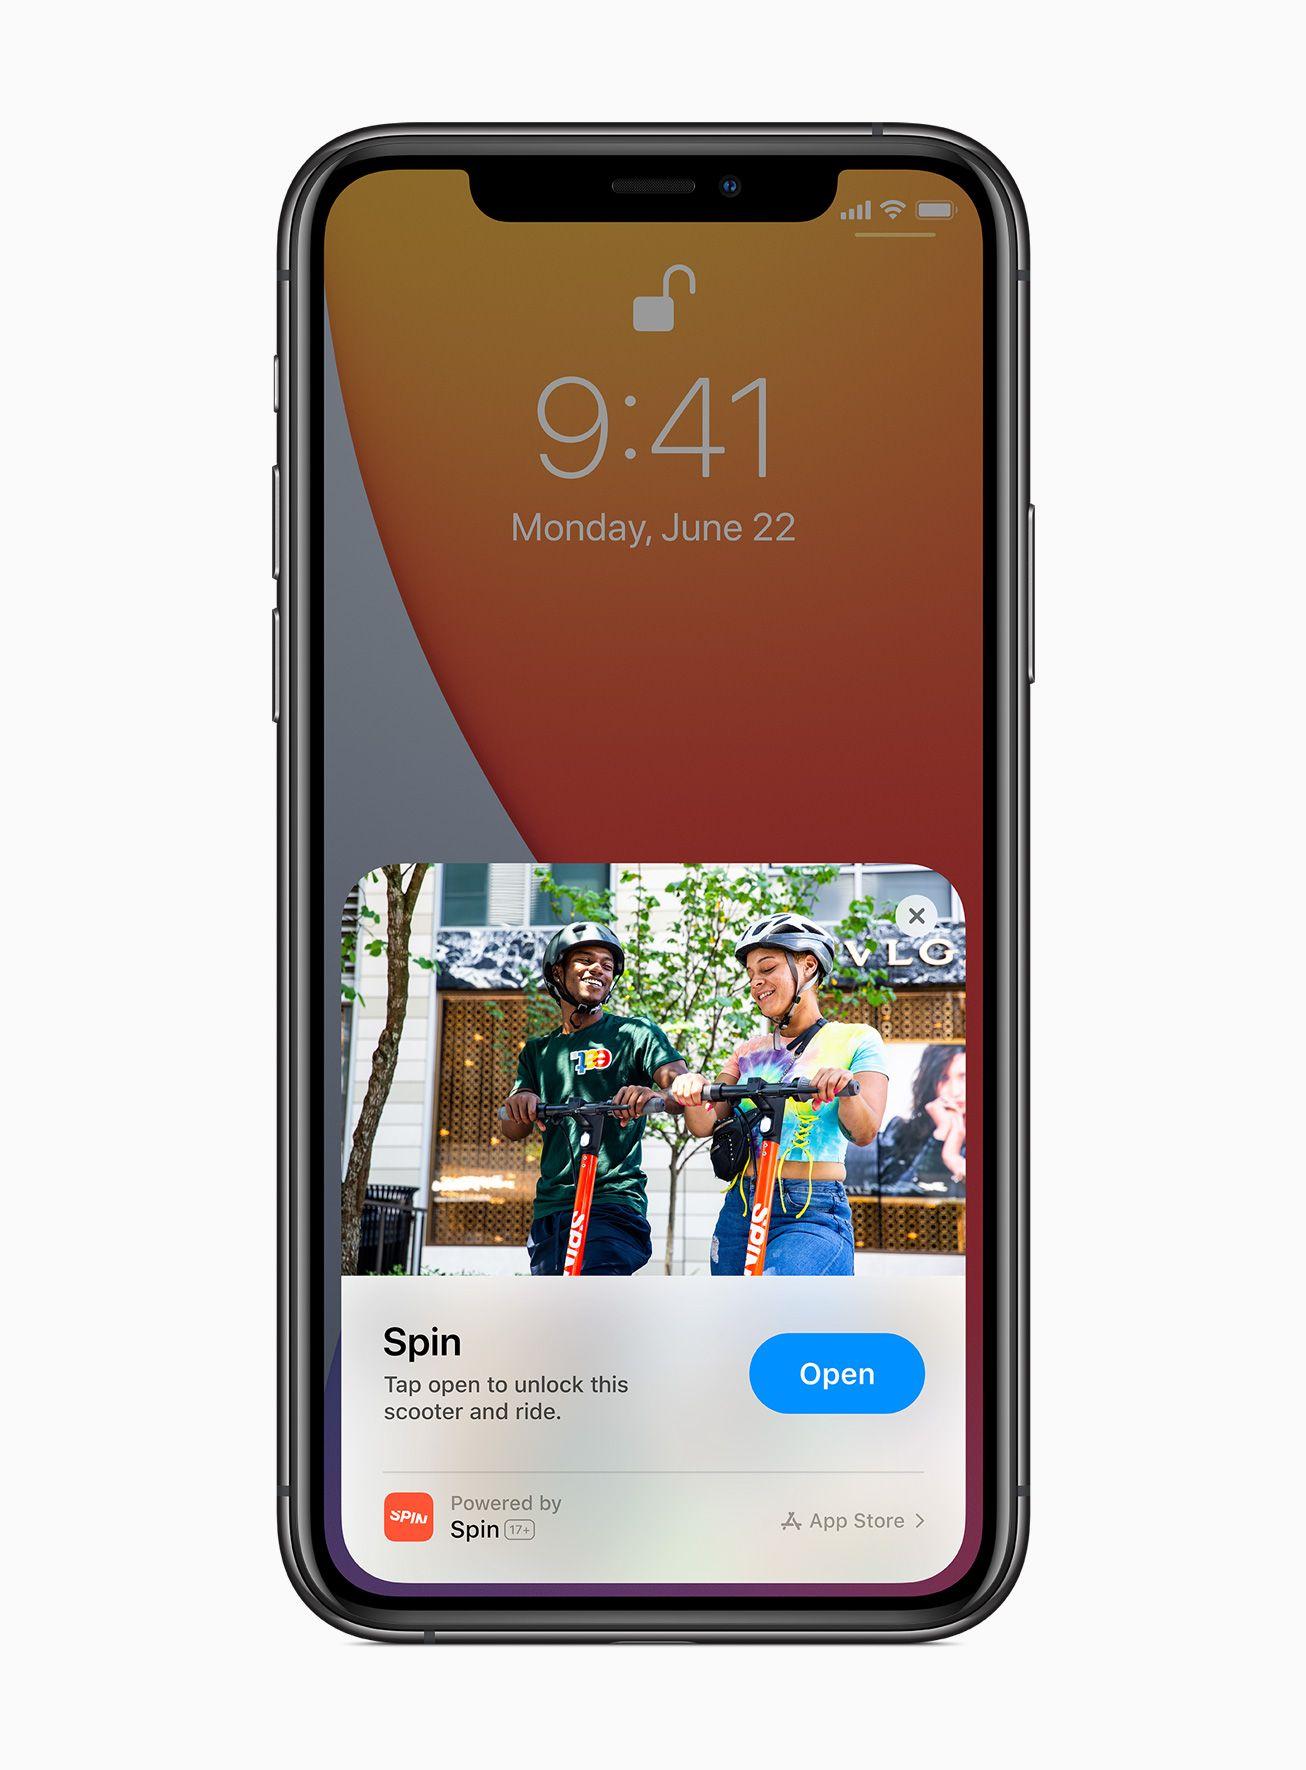 Apple / WWDC 2020